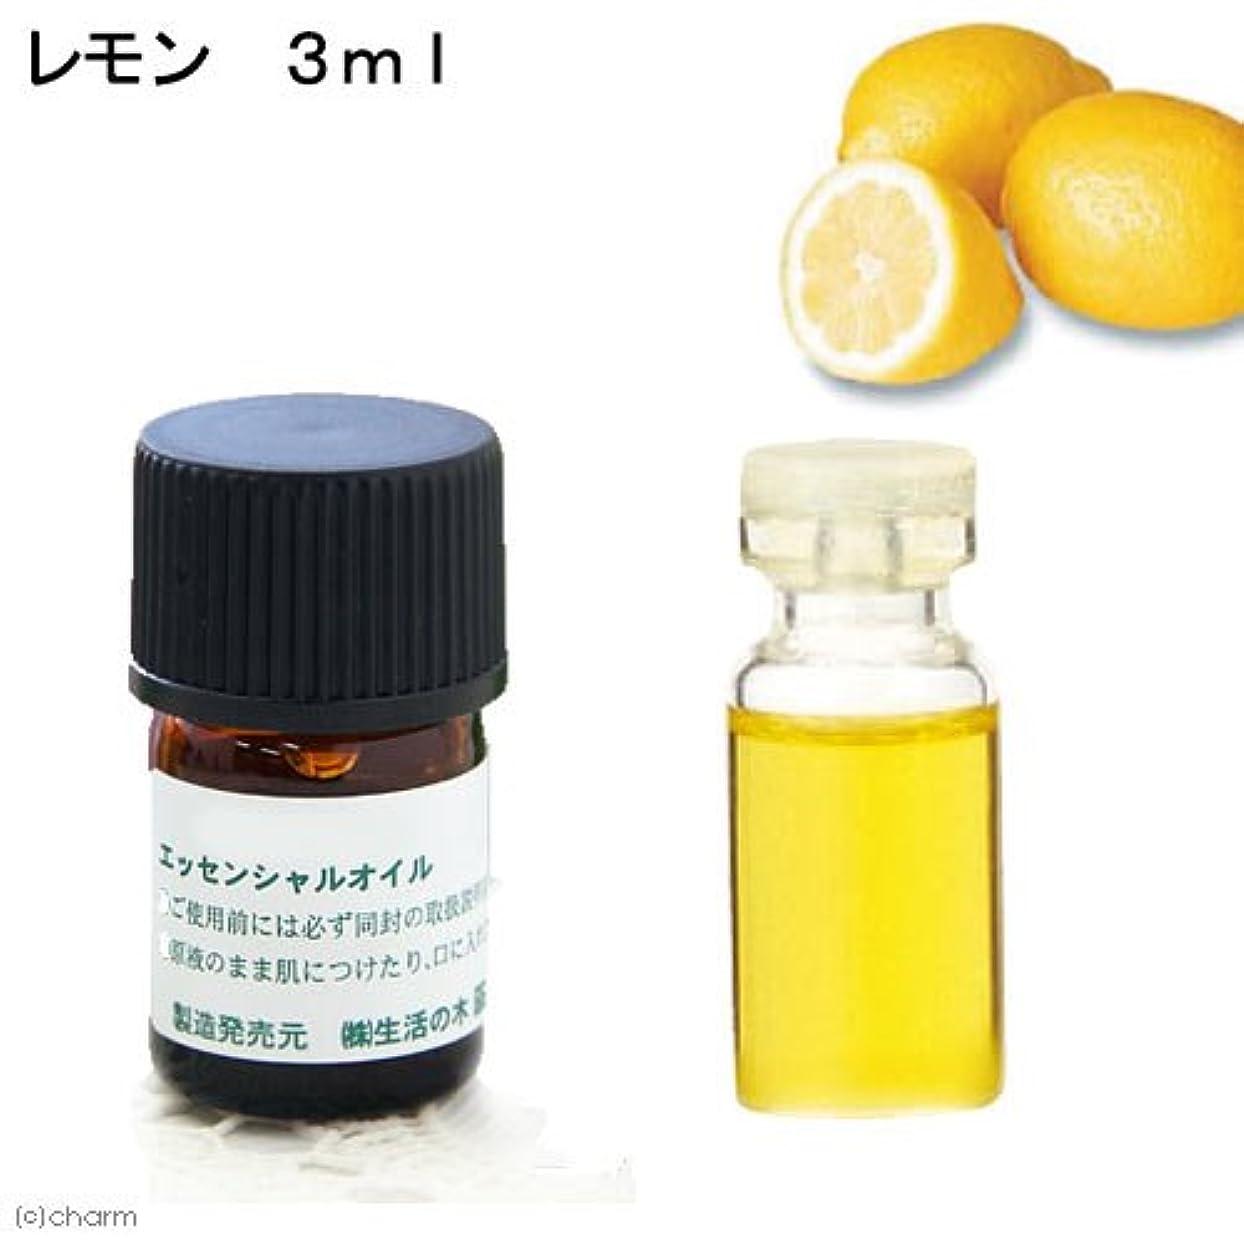 評決メガロポリス近代化生活の木 レモン 3ml